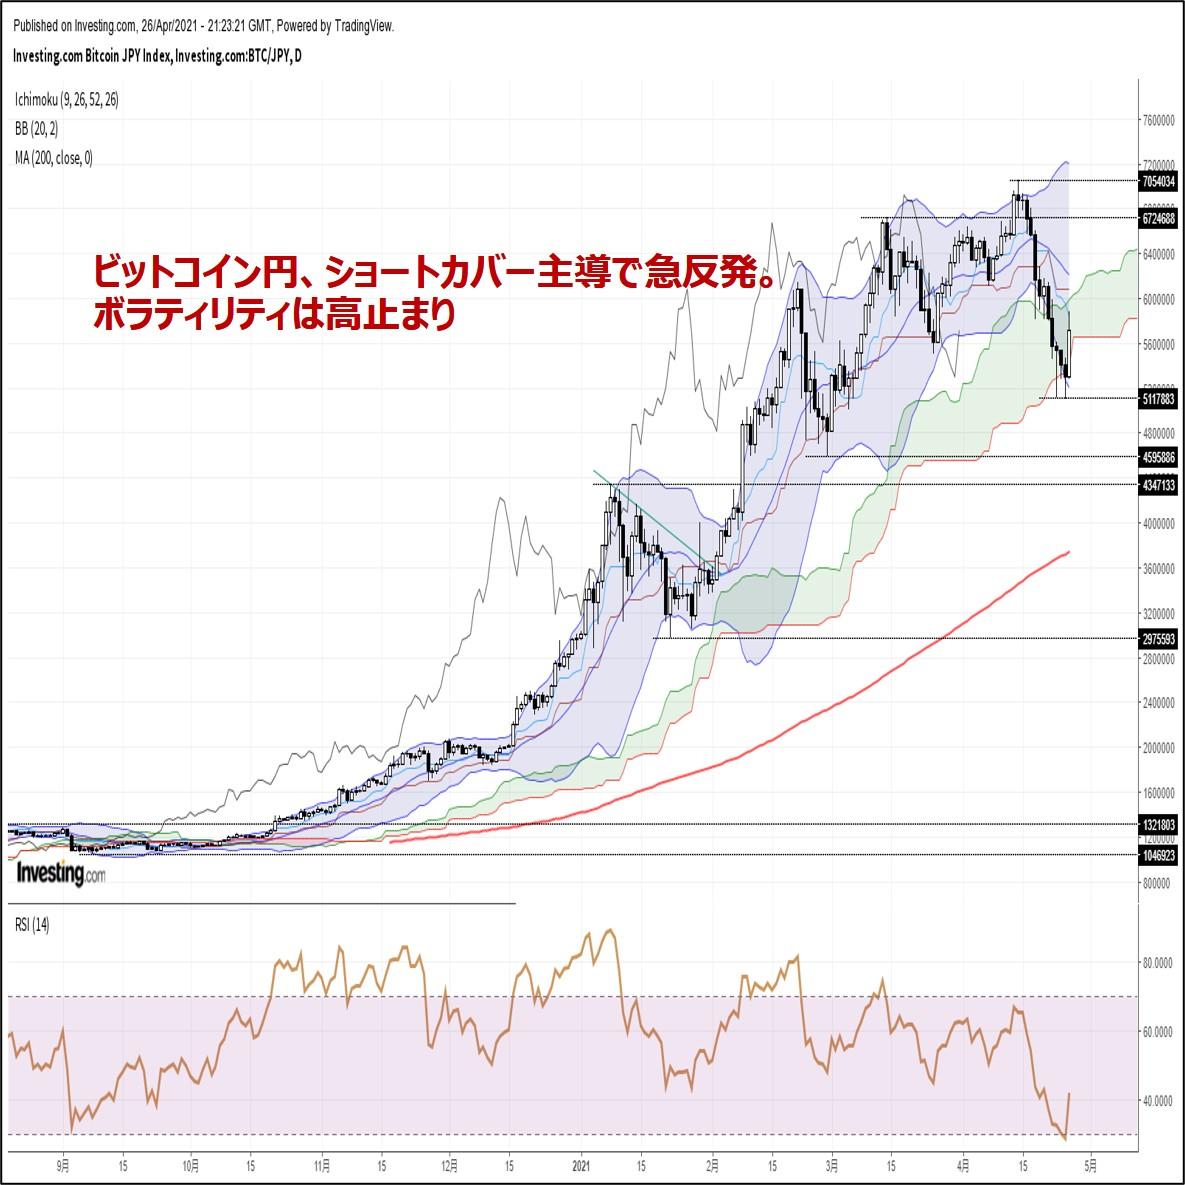 ビットコイン円、ショートカバー主導で急反発。ボラティリティは高止まり(4/27朝)